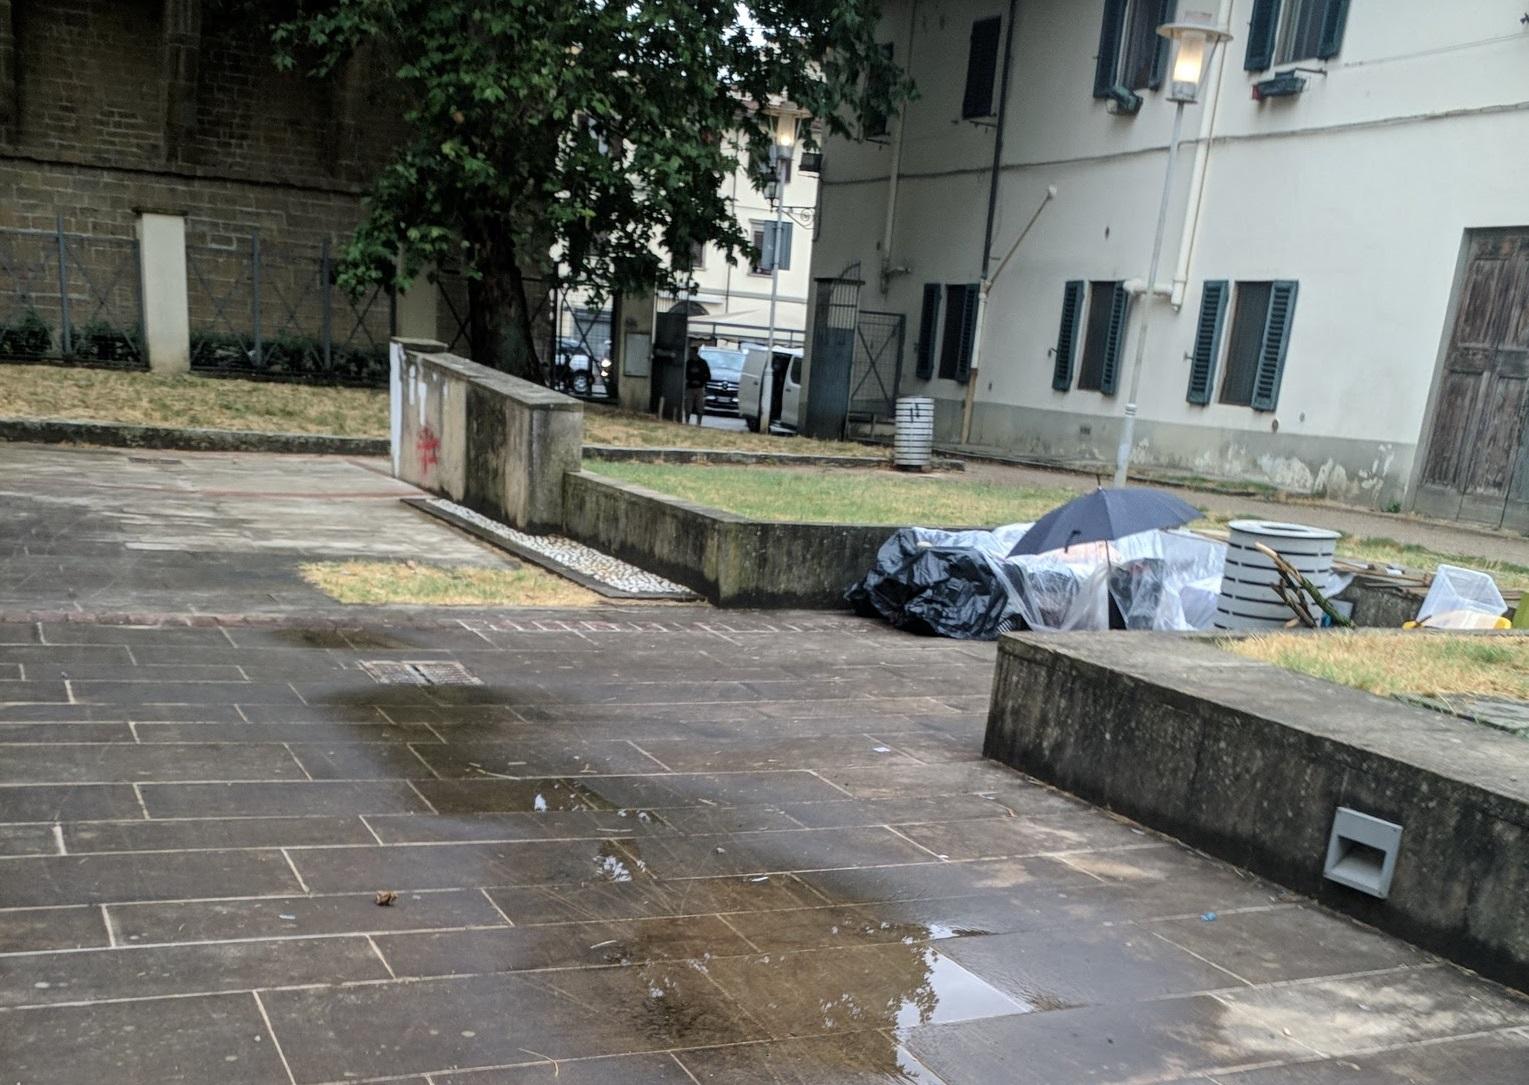 giardino lungo mura di santa rosa degrado senzatetto (1)